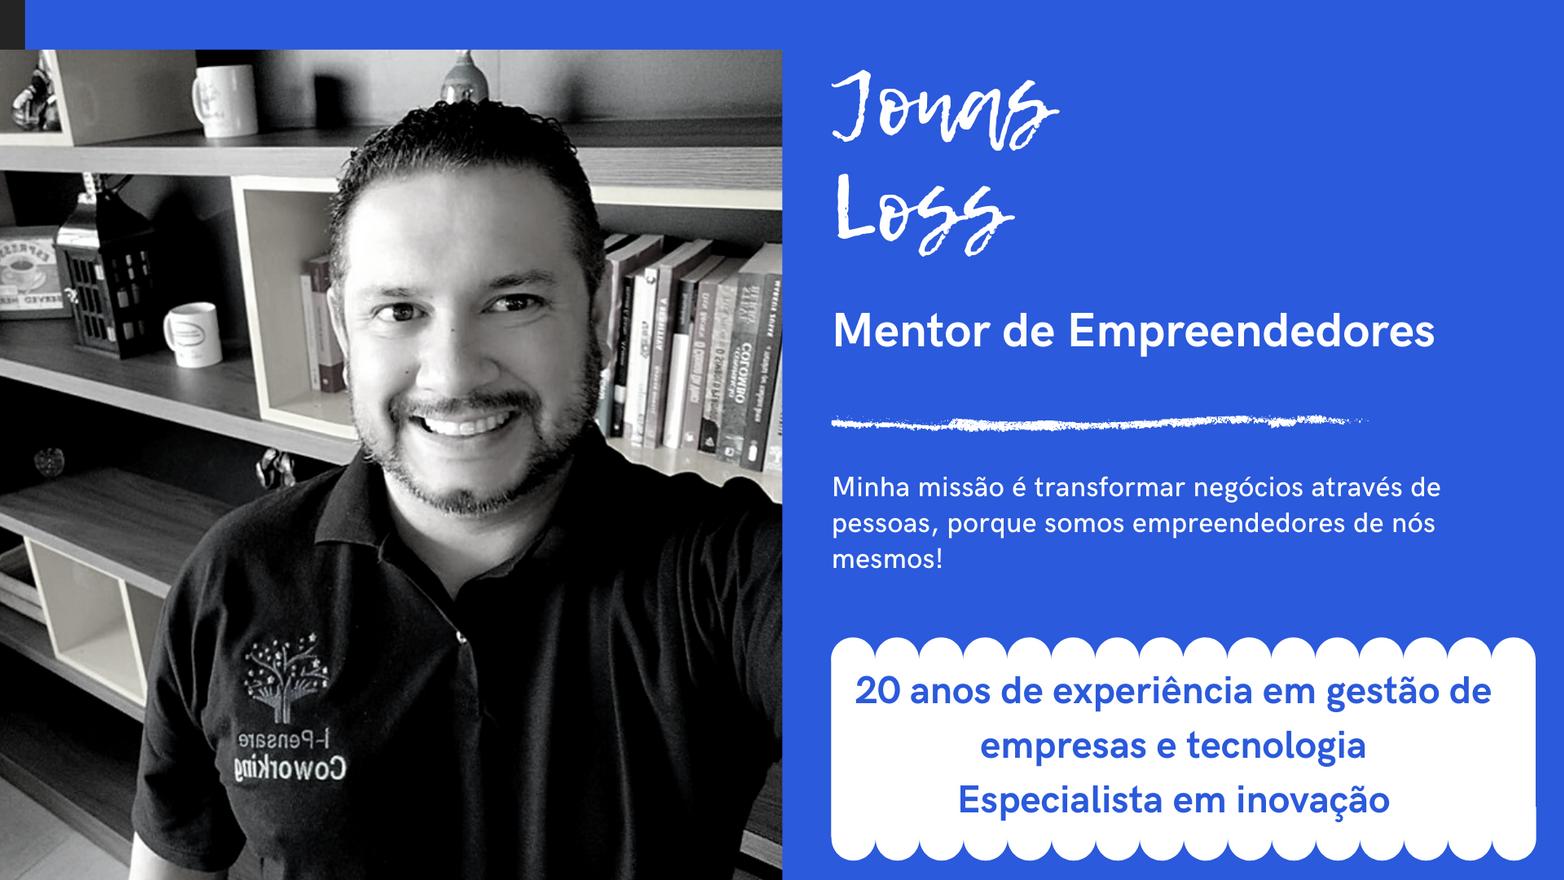 Jonas Loss Mentoria